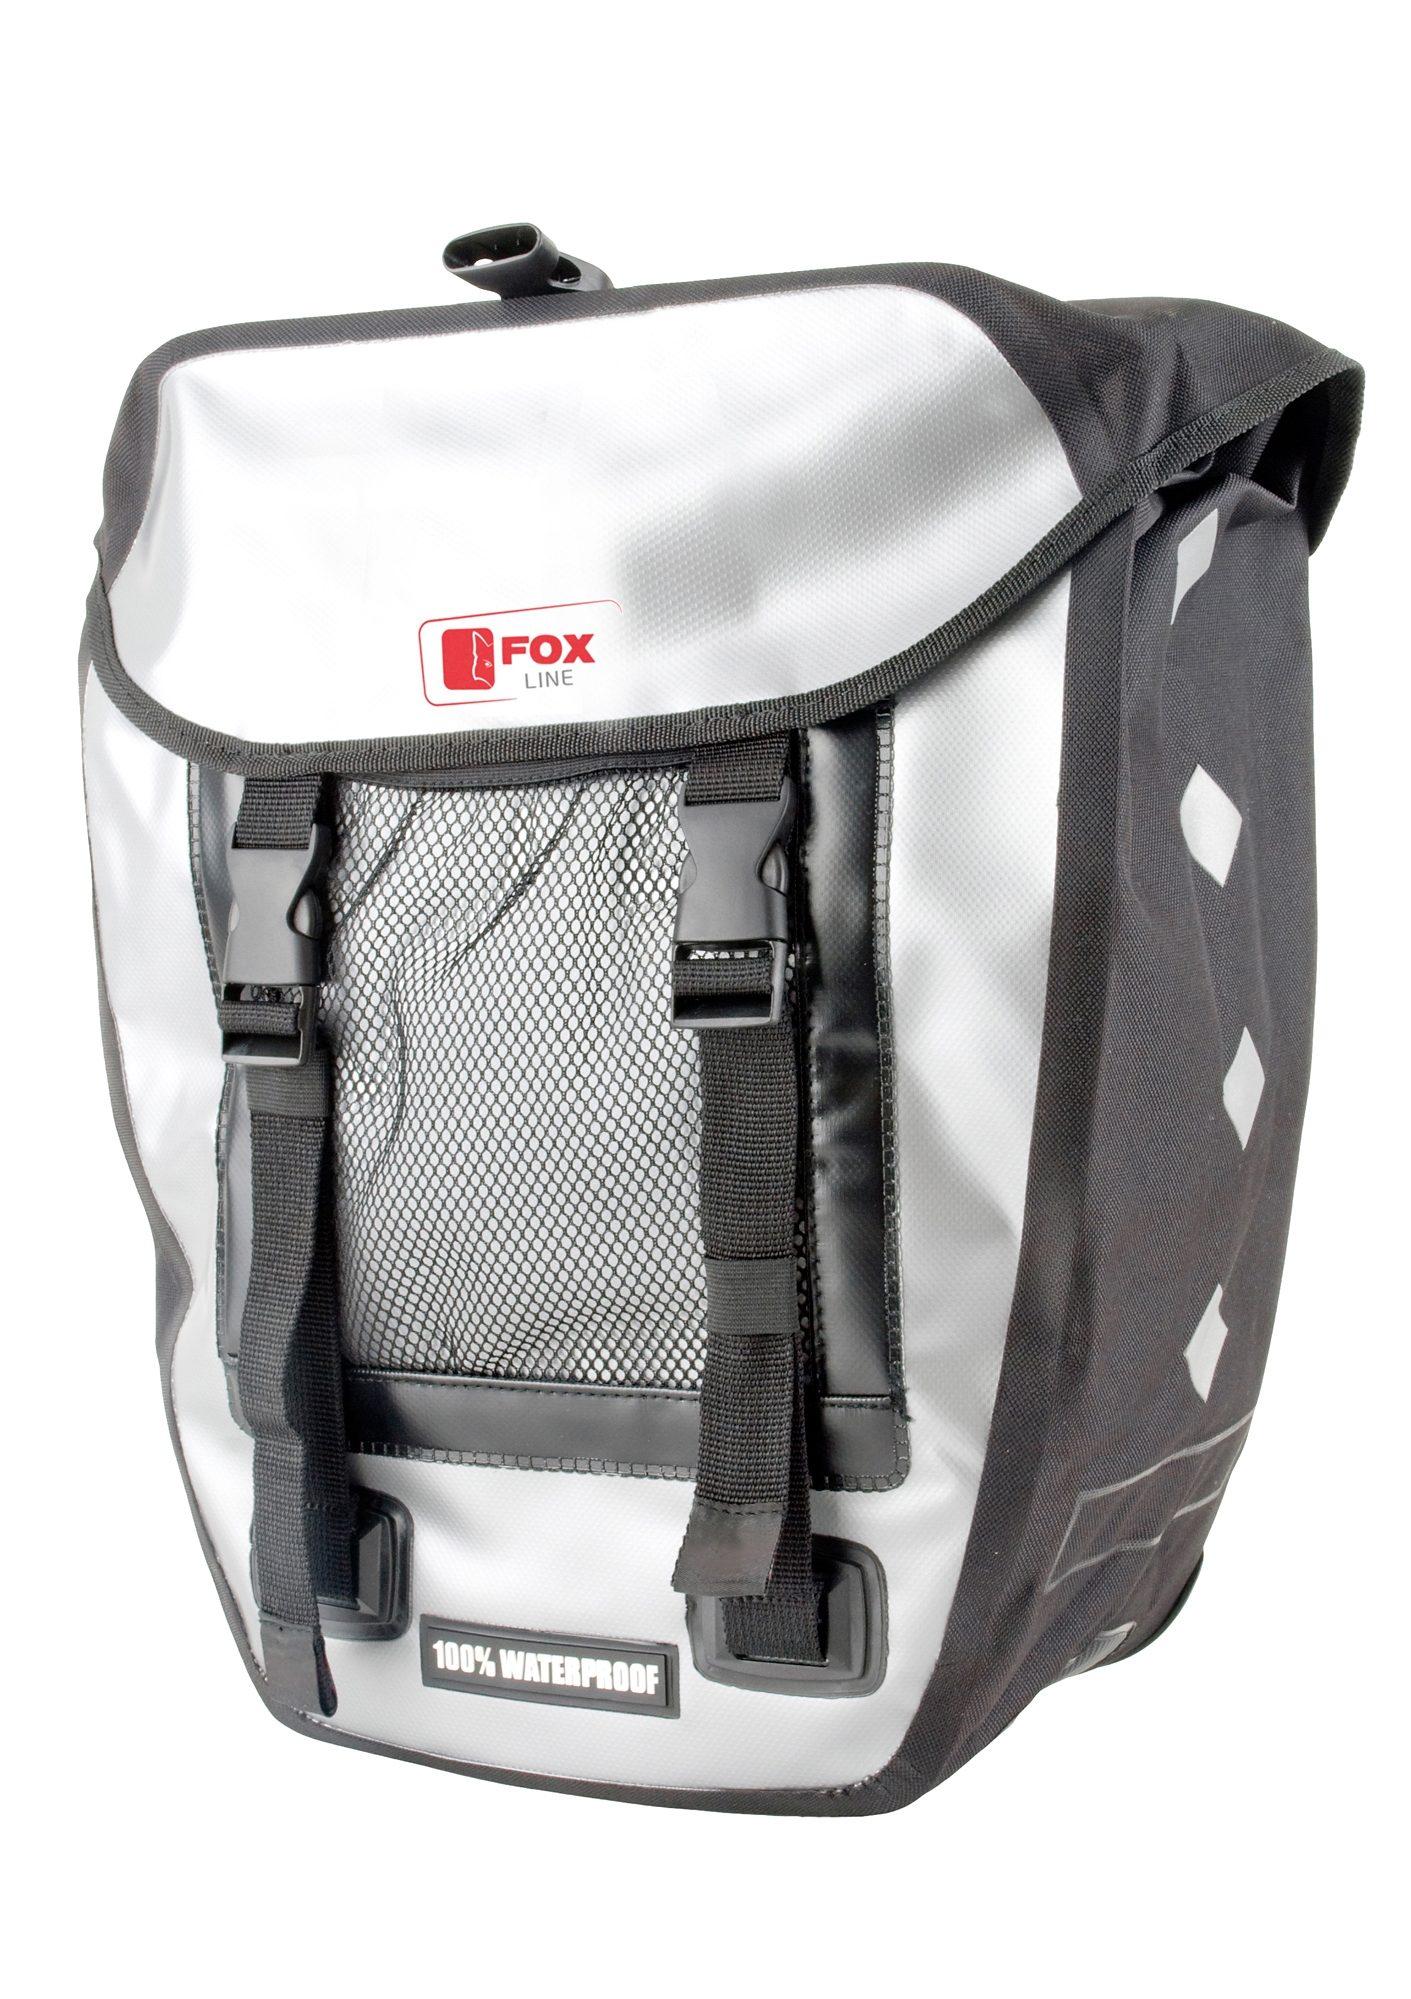 Fox Line Fahrradtasche schwarz Fahrradtaschen Fahrradzubehör Fahrräder Zubehör Taschen